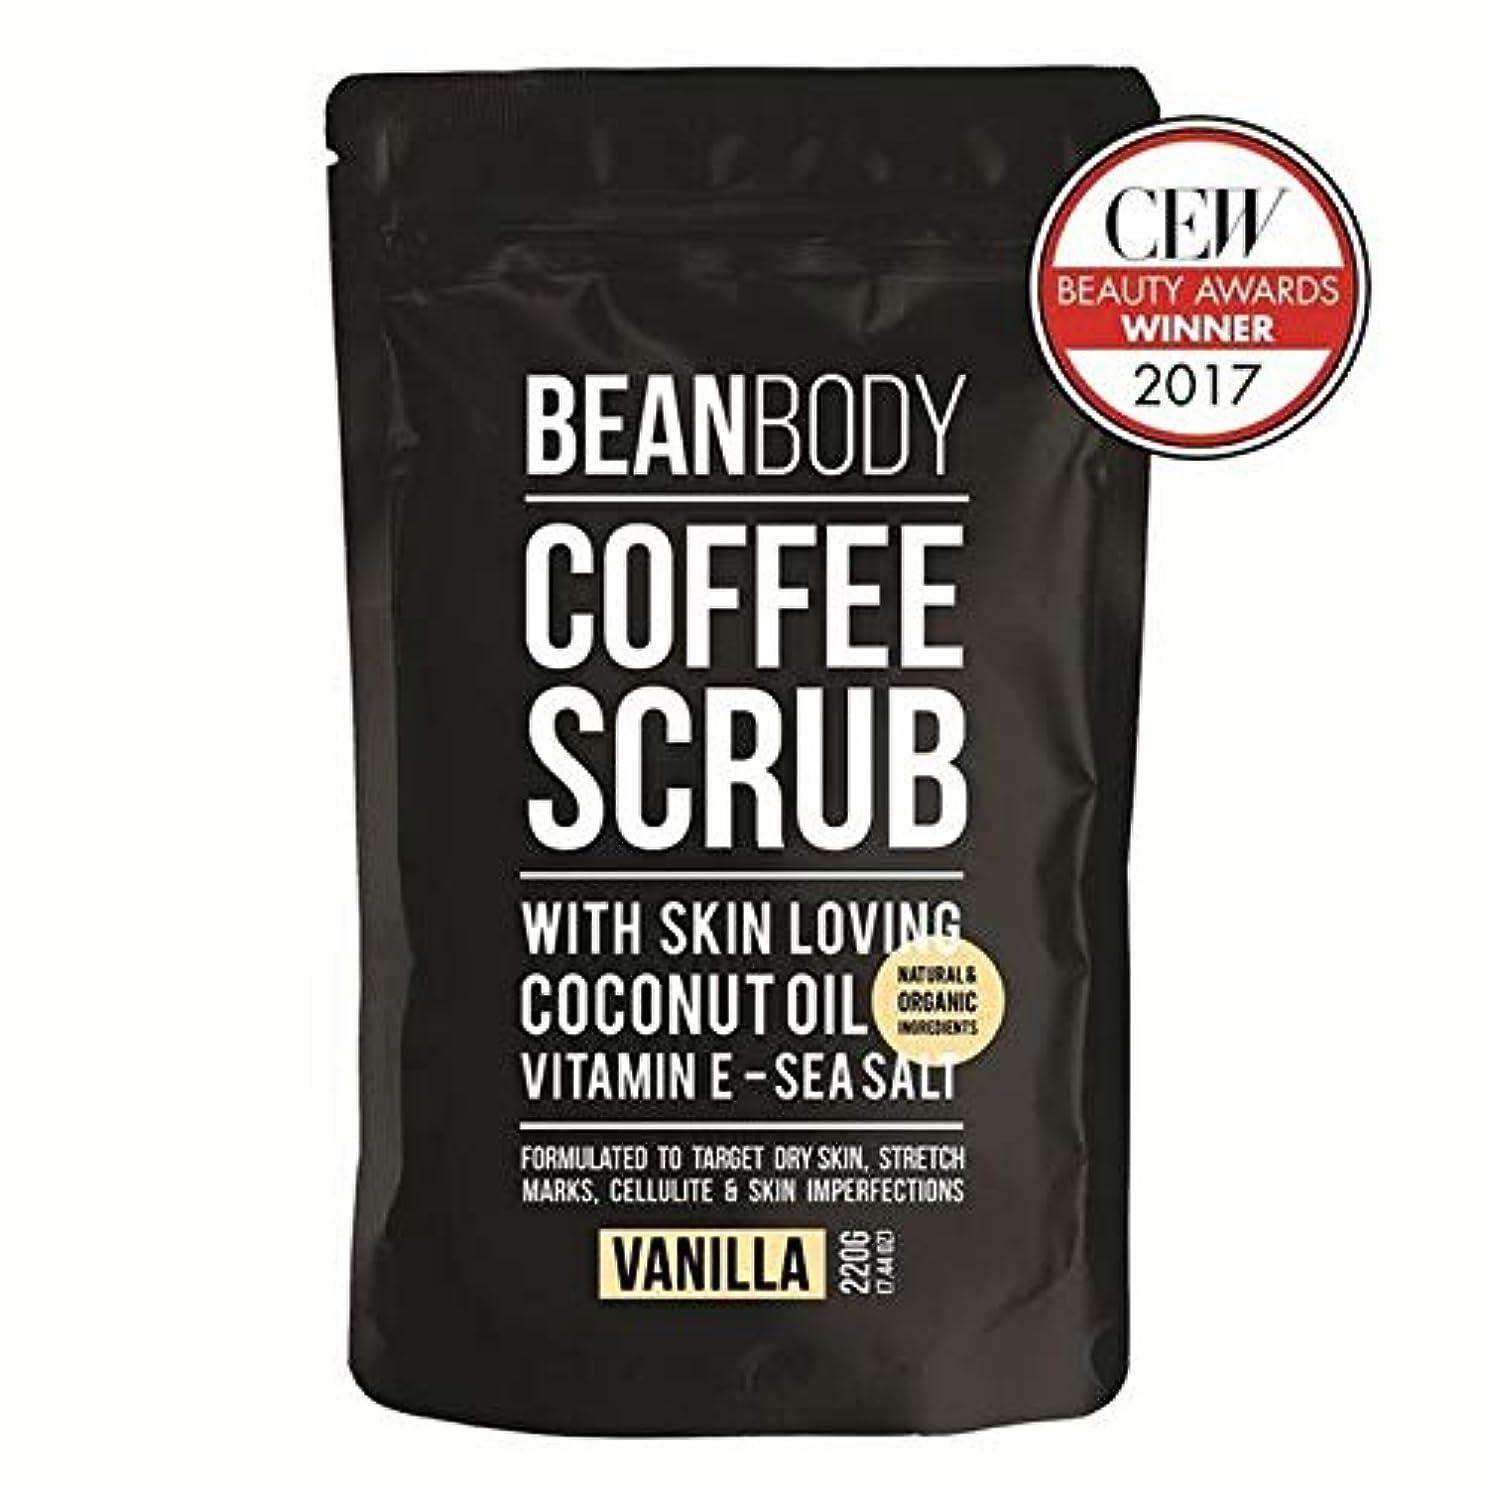 ロック解除ハード素子[Bean Body ] 豆のボディスクラブコーヒー、バニラ220グラム - Bean Body Coffee Scrub, Vanilla 220g [並行輸入品]